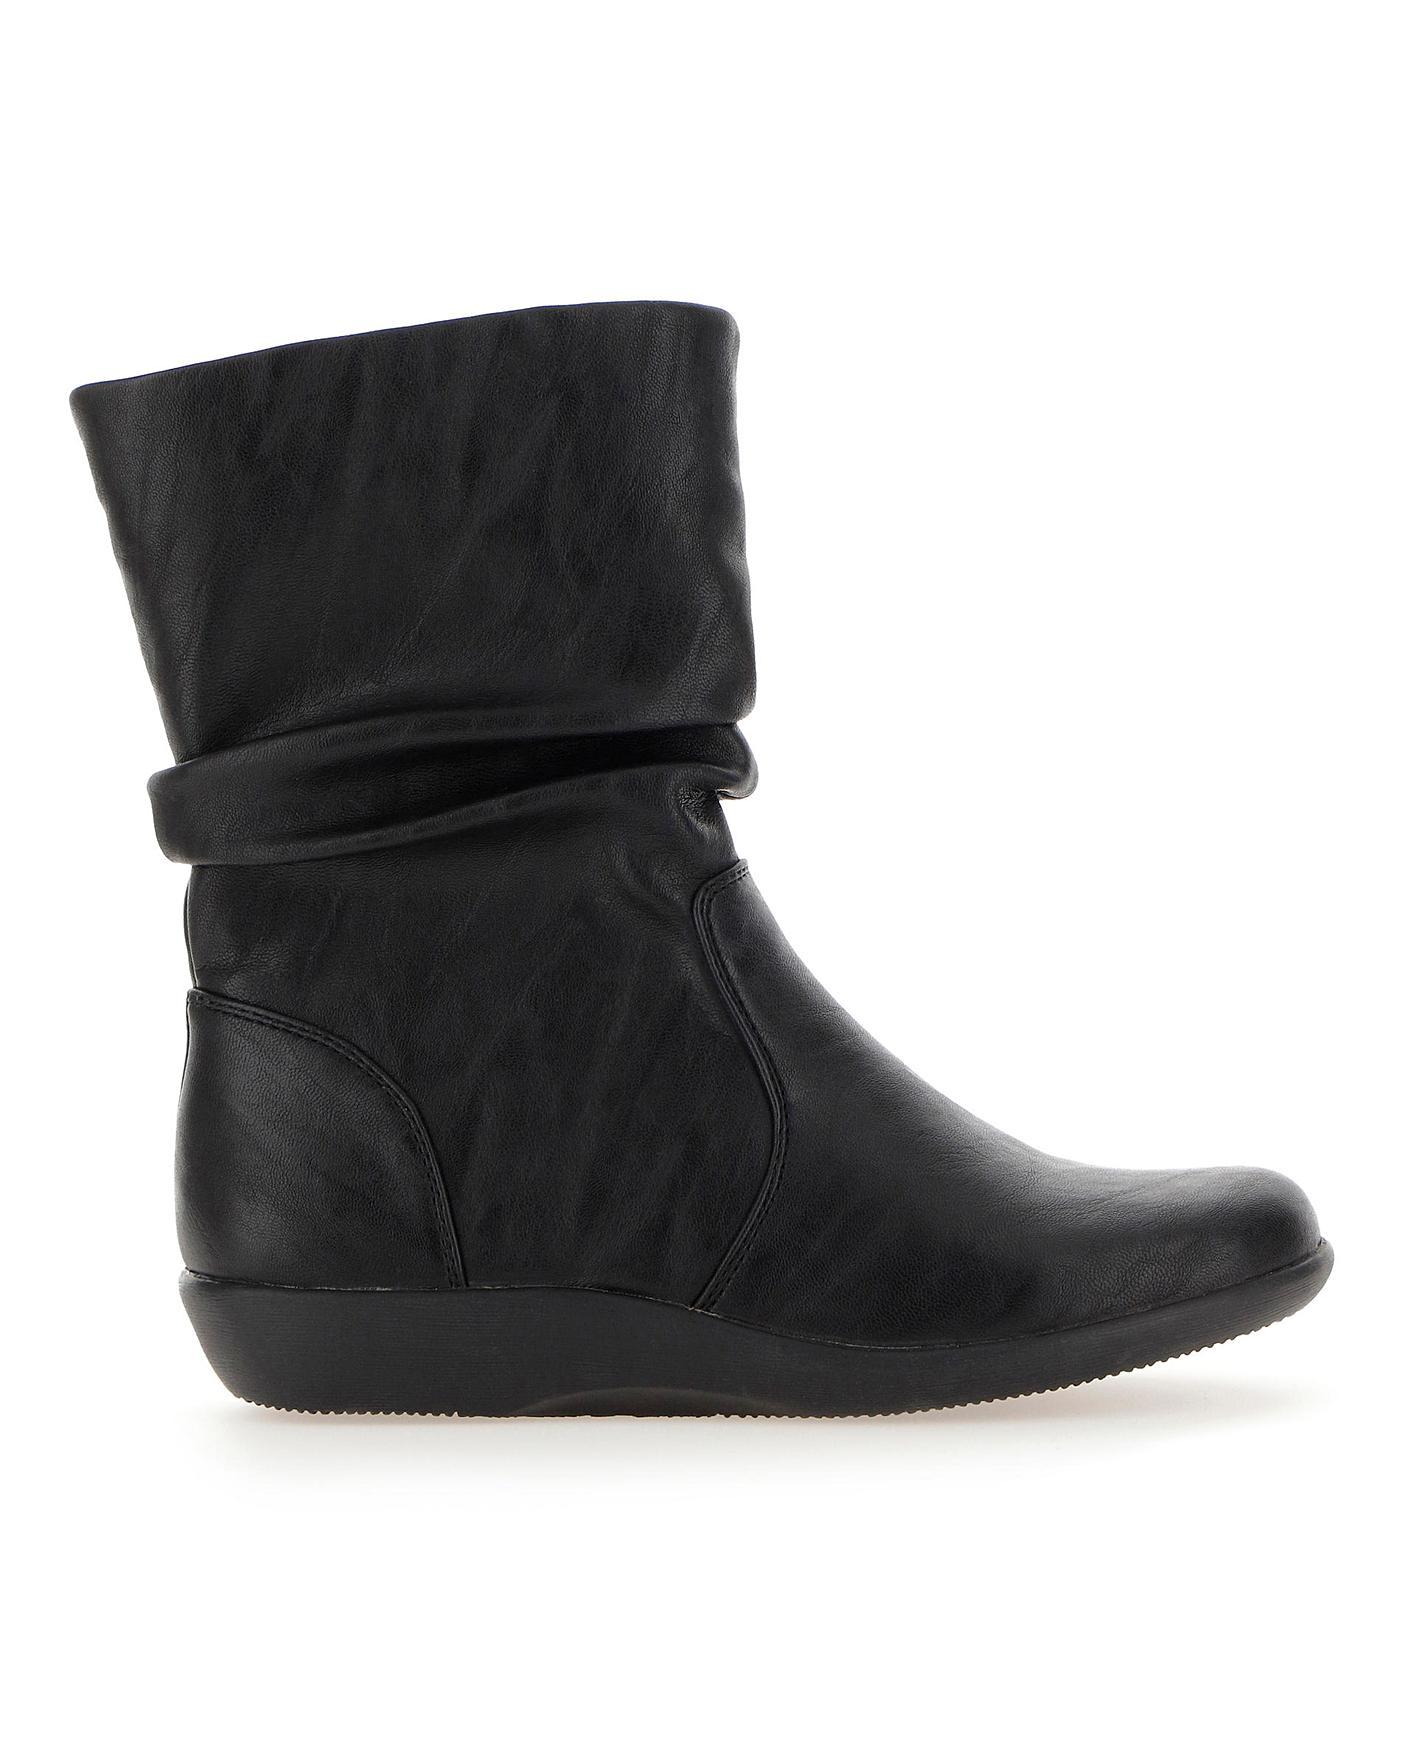 Cushion Walk Mid Boots E Fit   J D Williams